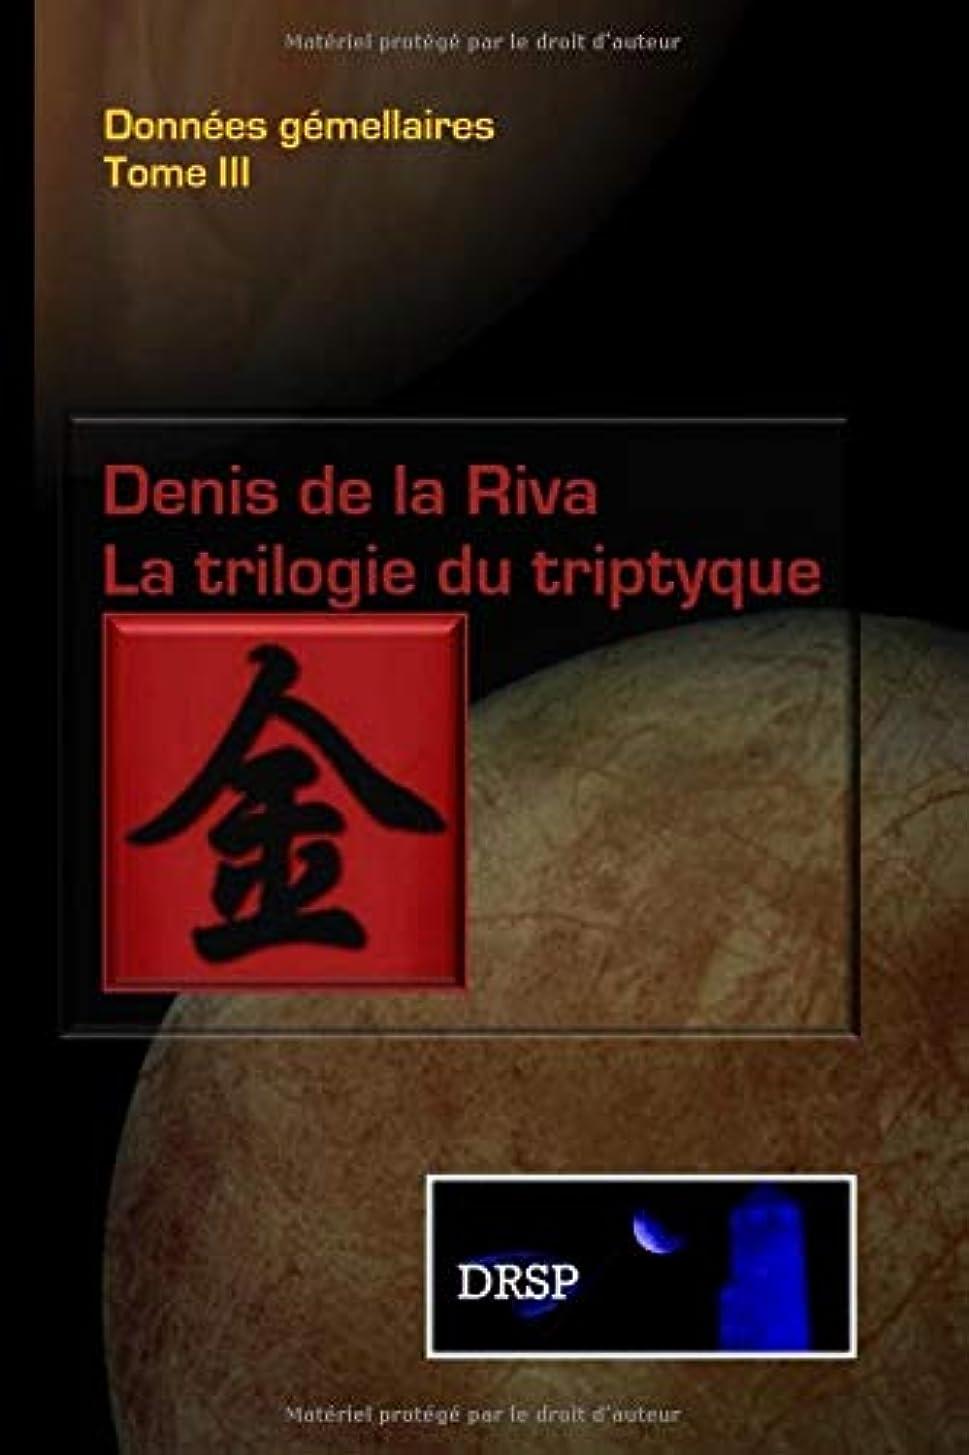 メトロポリタンまつげくつろぎLa trilogie du triptyque: Données gémellaires - Tome III